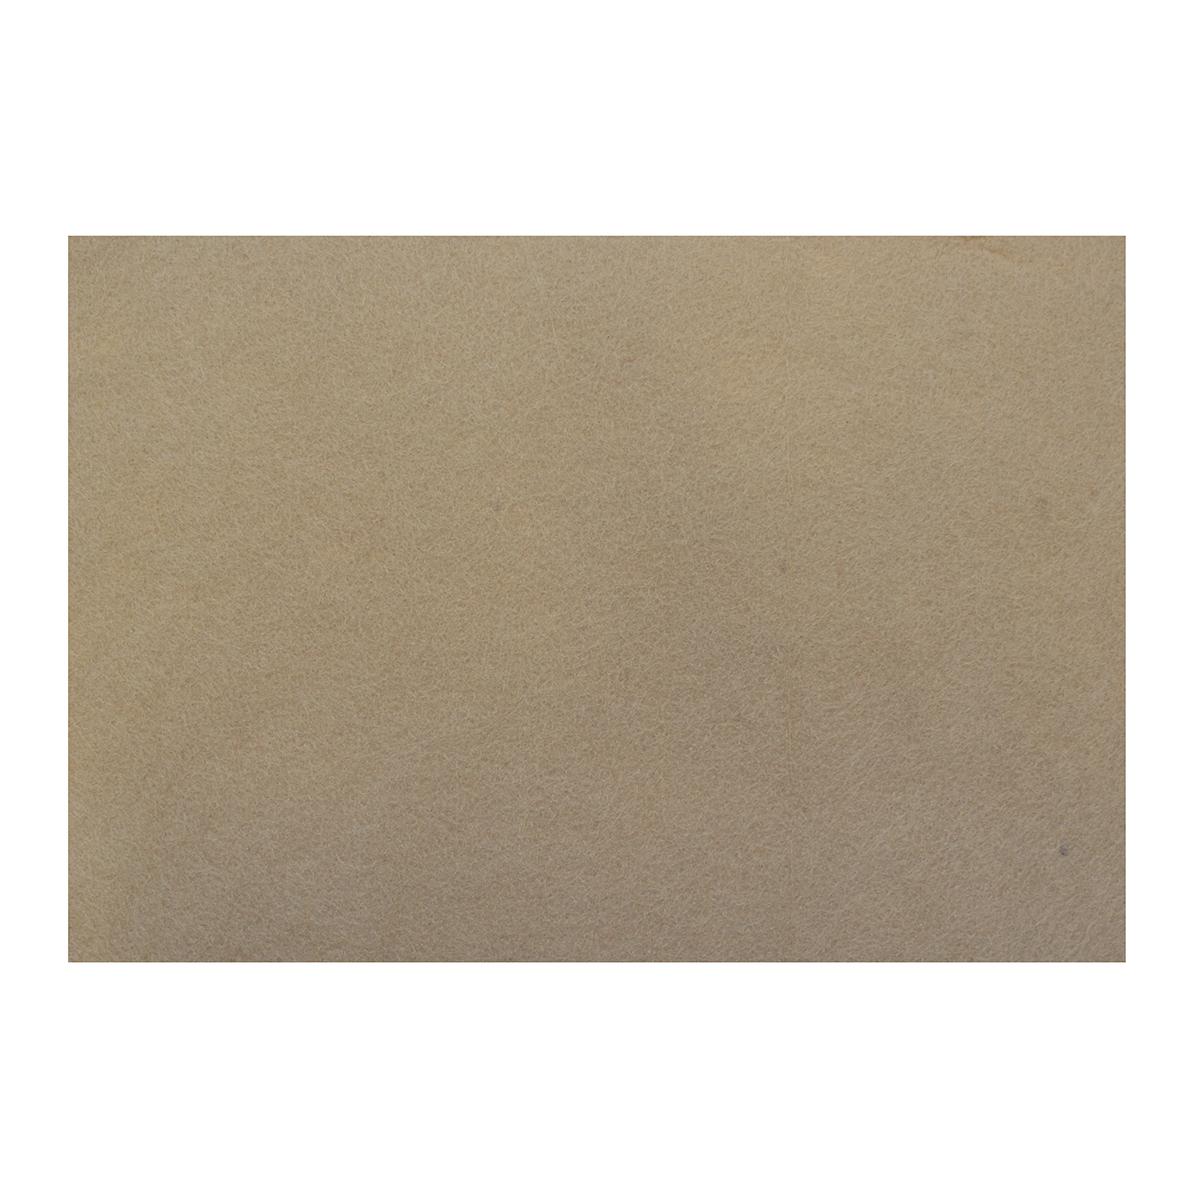 Фетр листовой Астра, цвет: бежевый, 20 х 30 см, 10 шт фетр листовой декоративный астра божьи коровки 20 х 30 см 3 шт